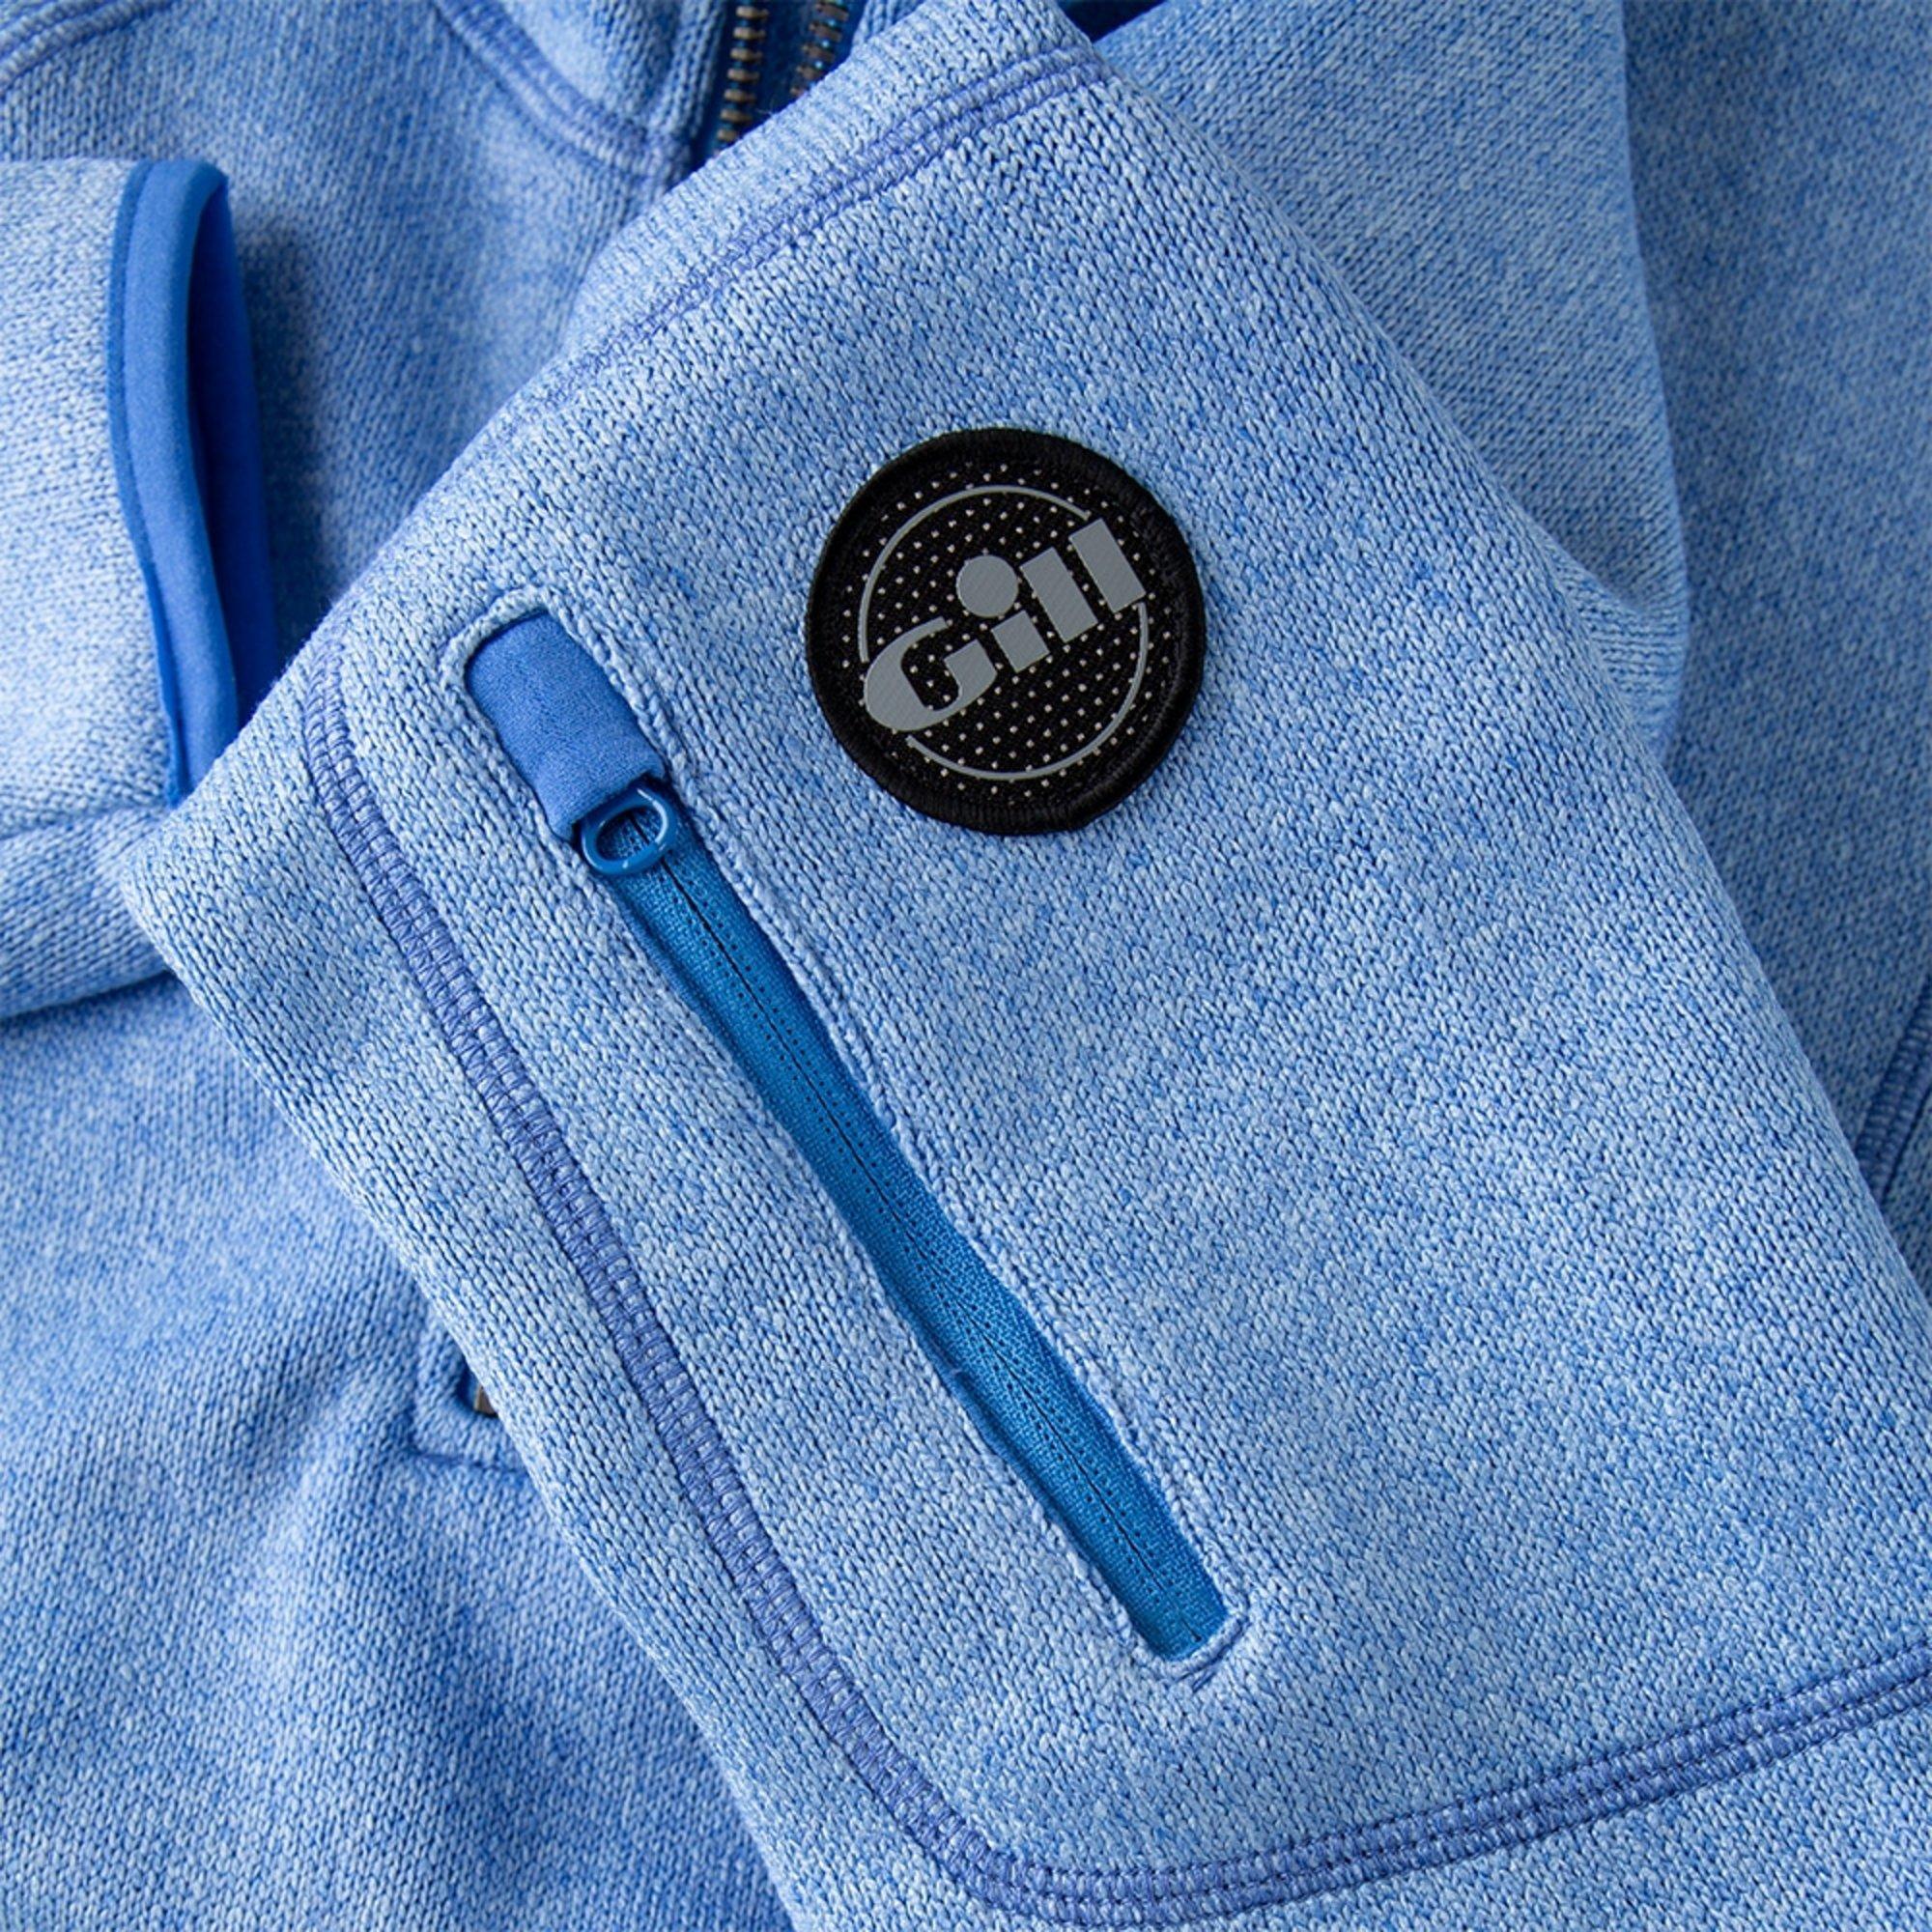 Women's Knit Fleece - 1492W-BLU18-6.jpg